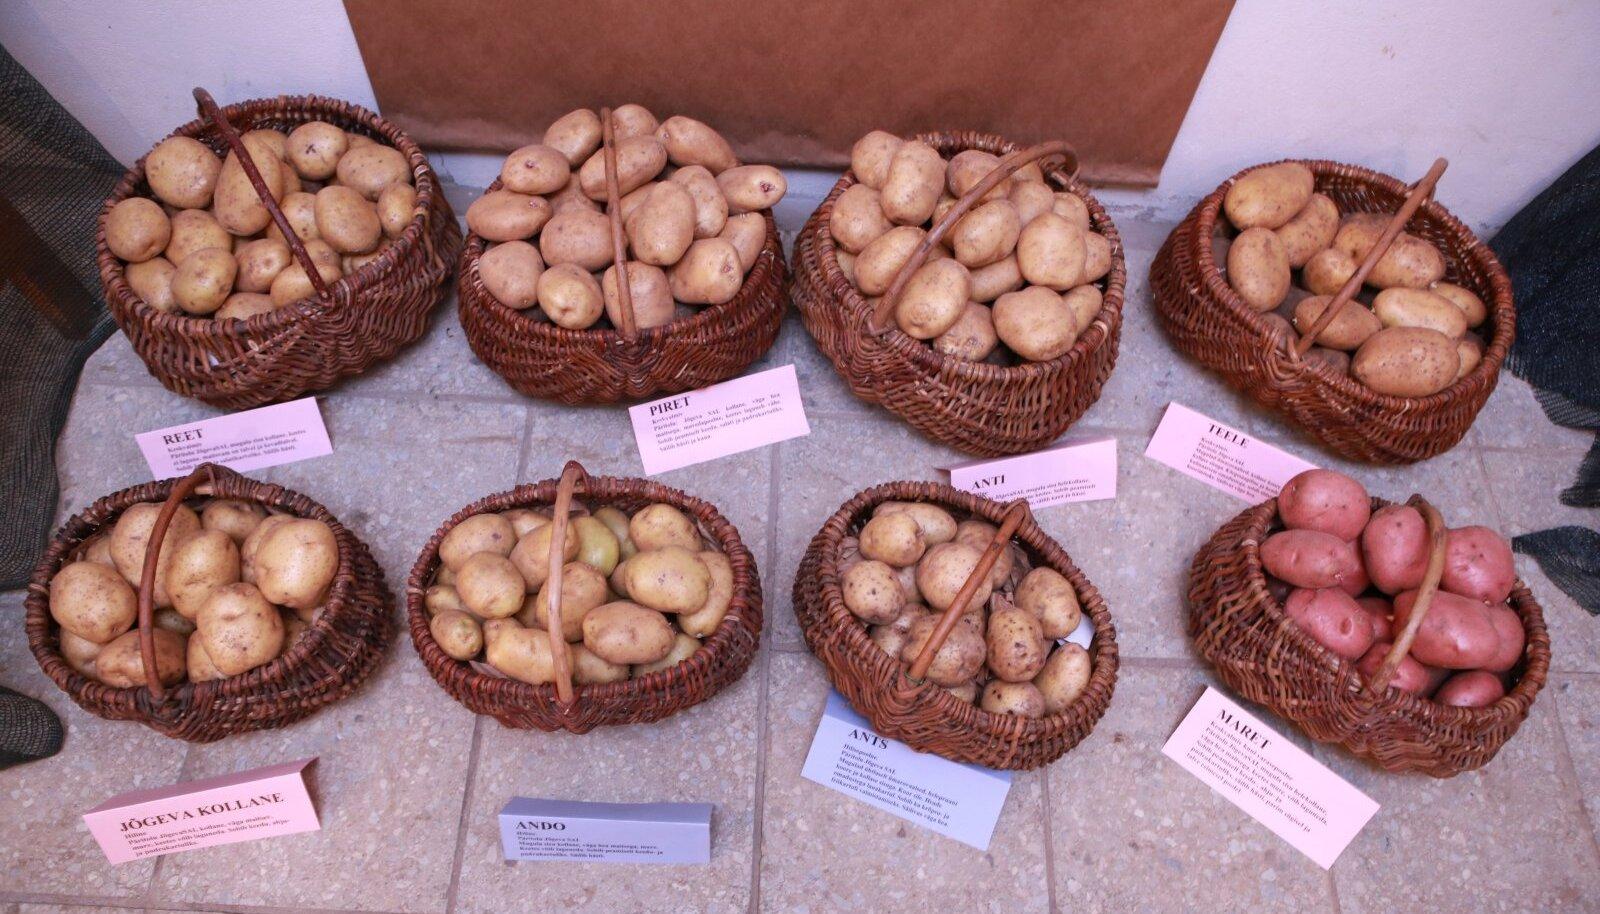 Eesti kartulisordid maaviljeluse instituudis Sakus.